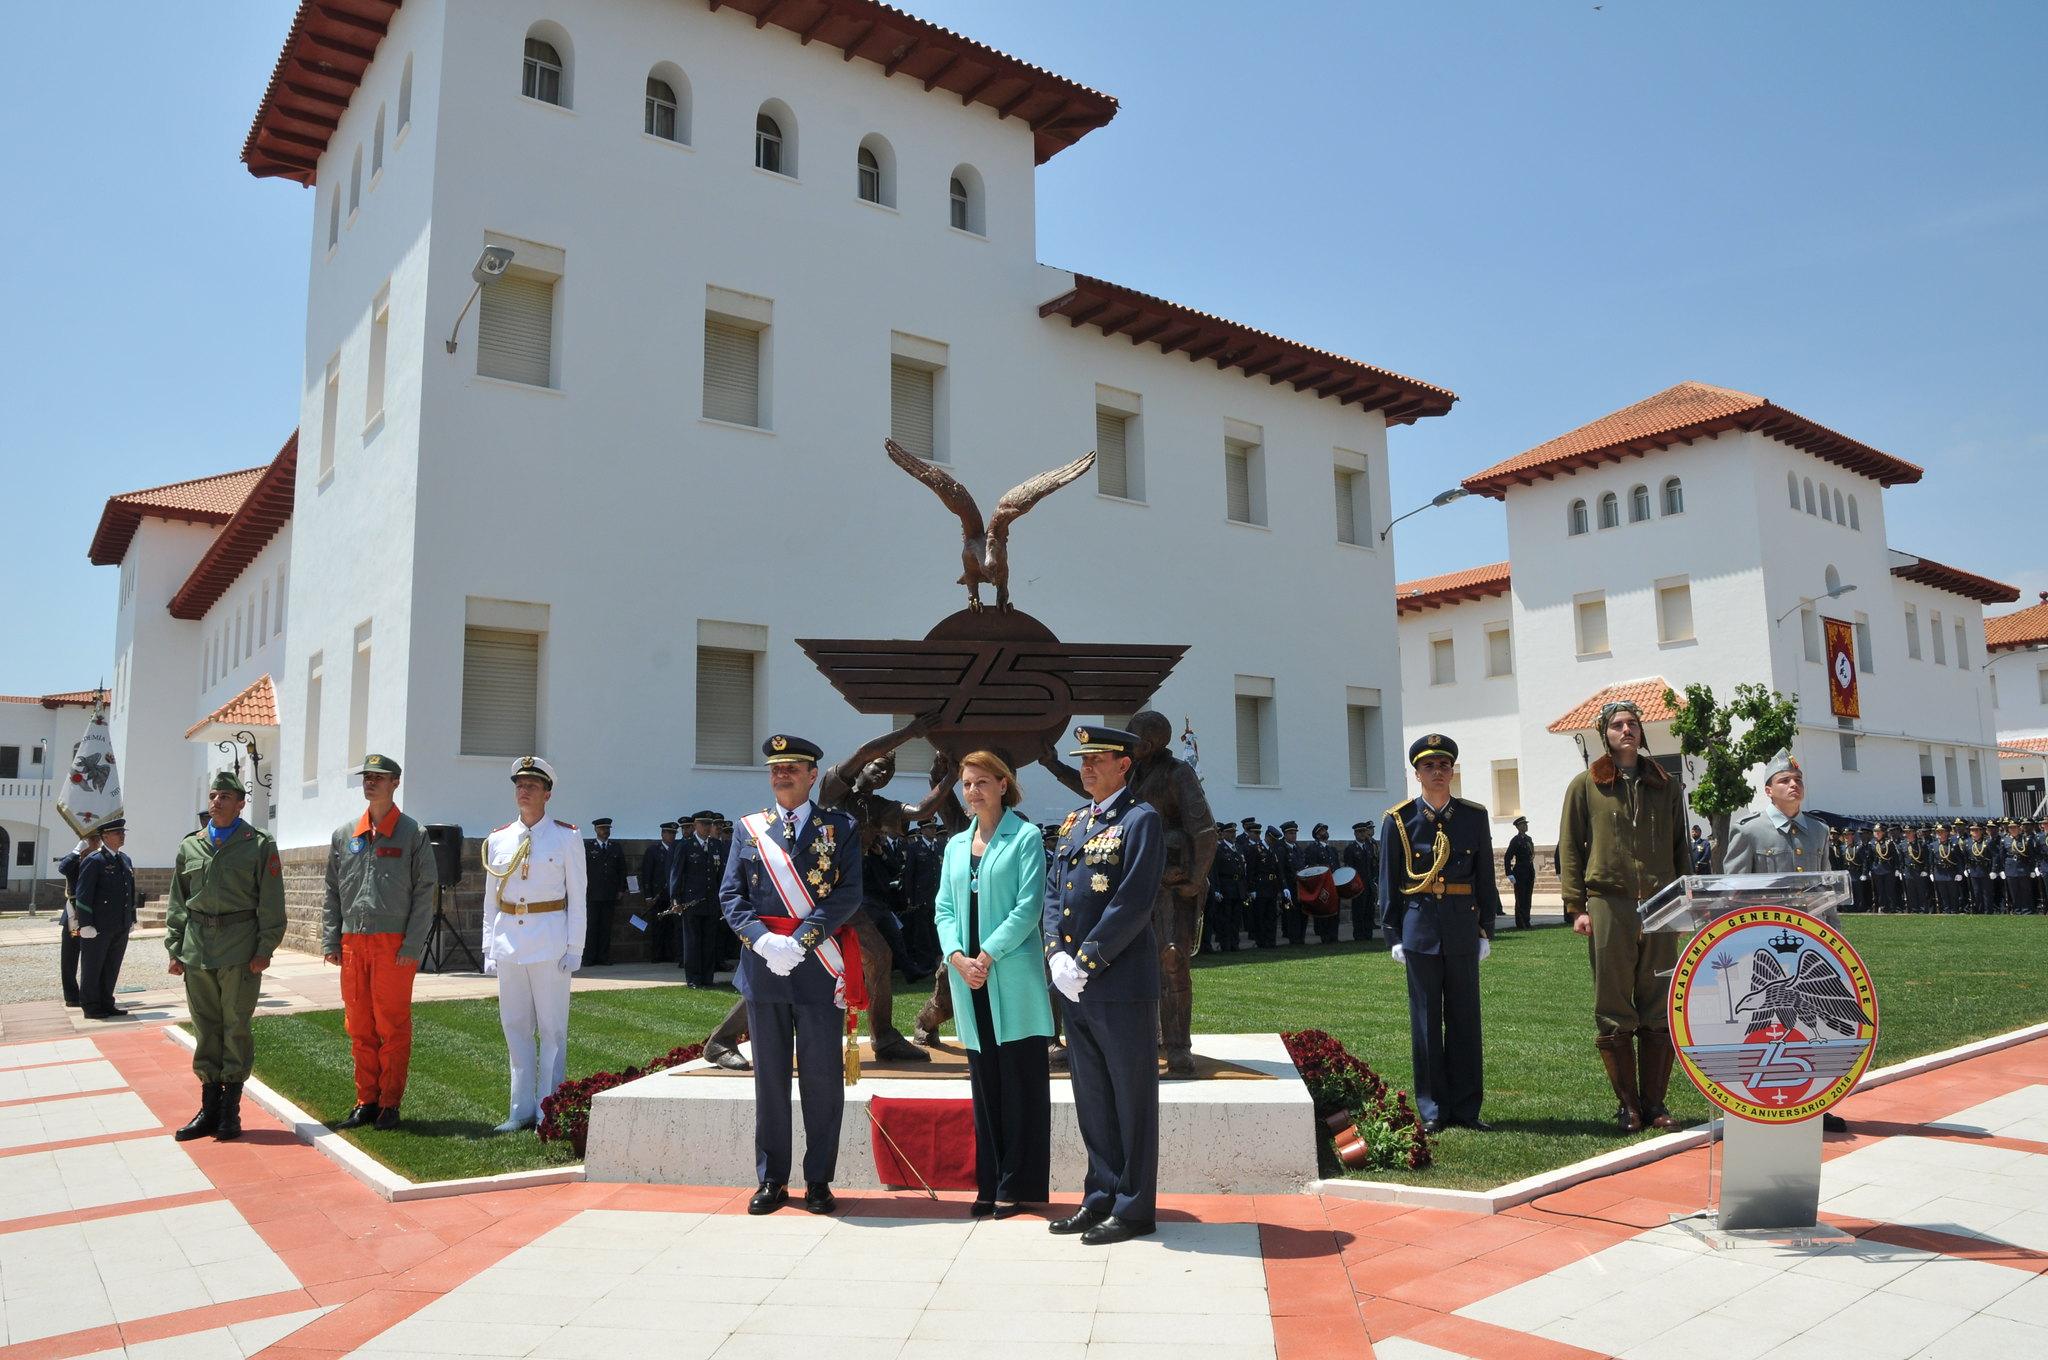 La ministra de Defensa posando junto al monumento conmemorativo del 75 Aniversario